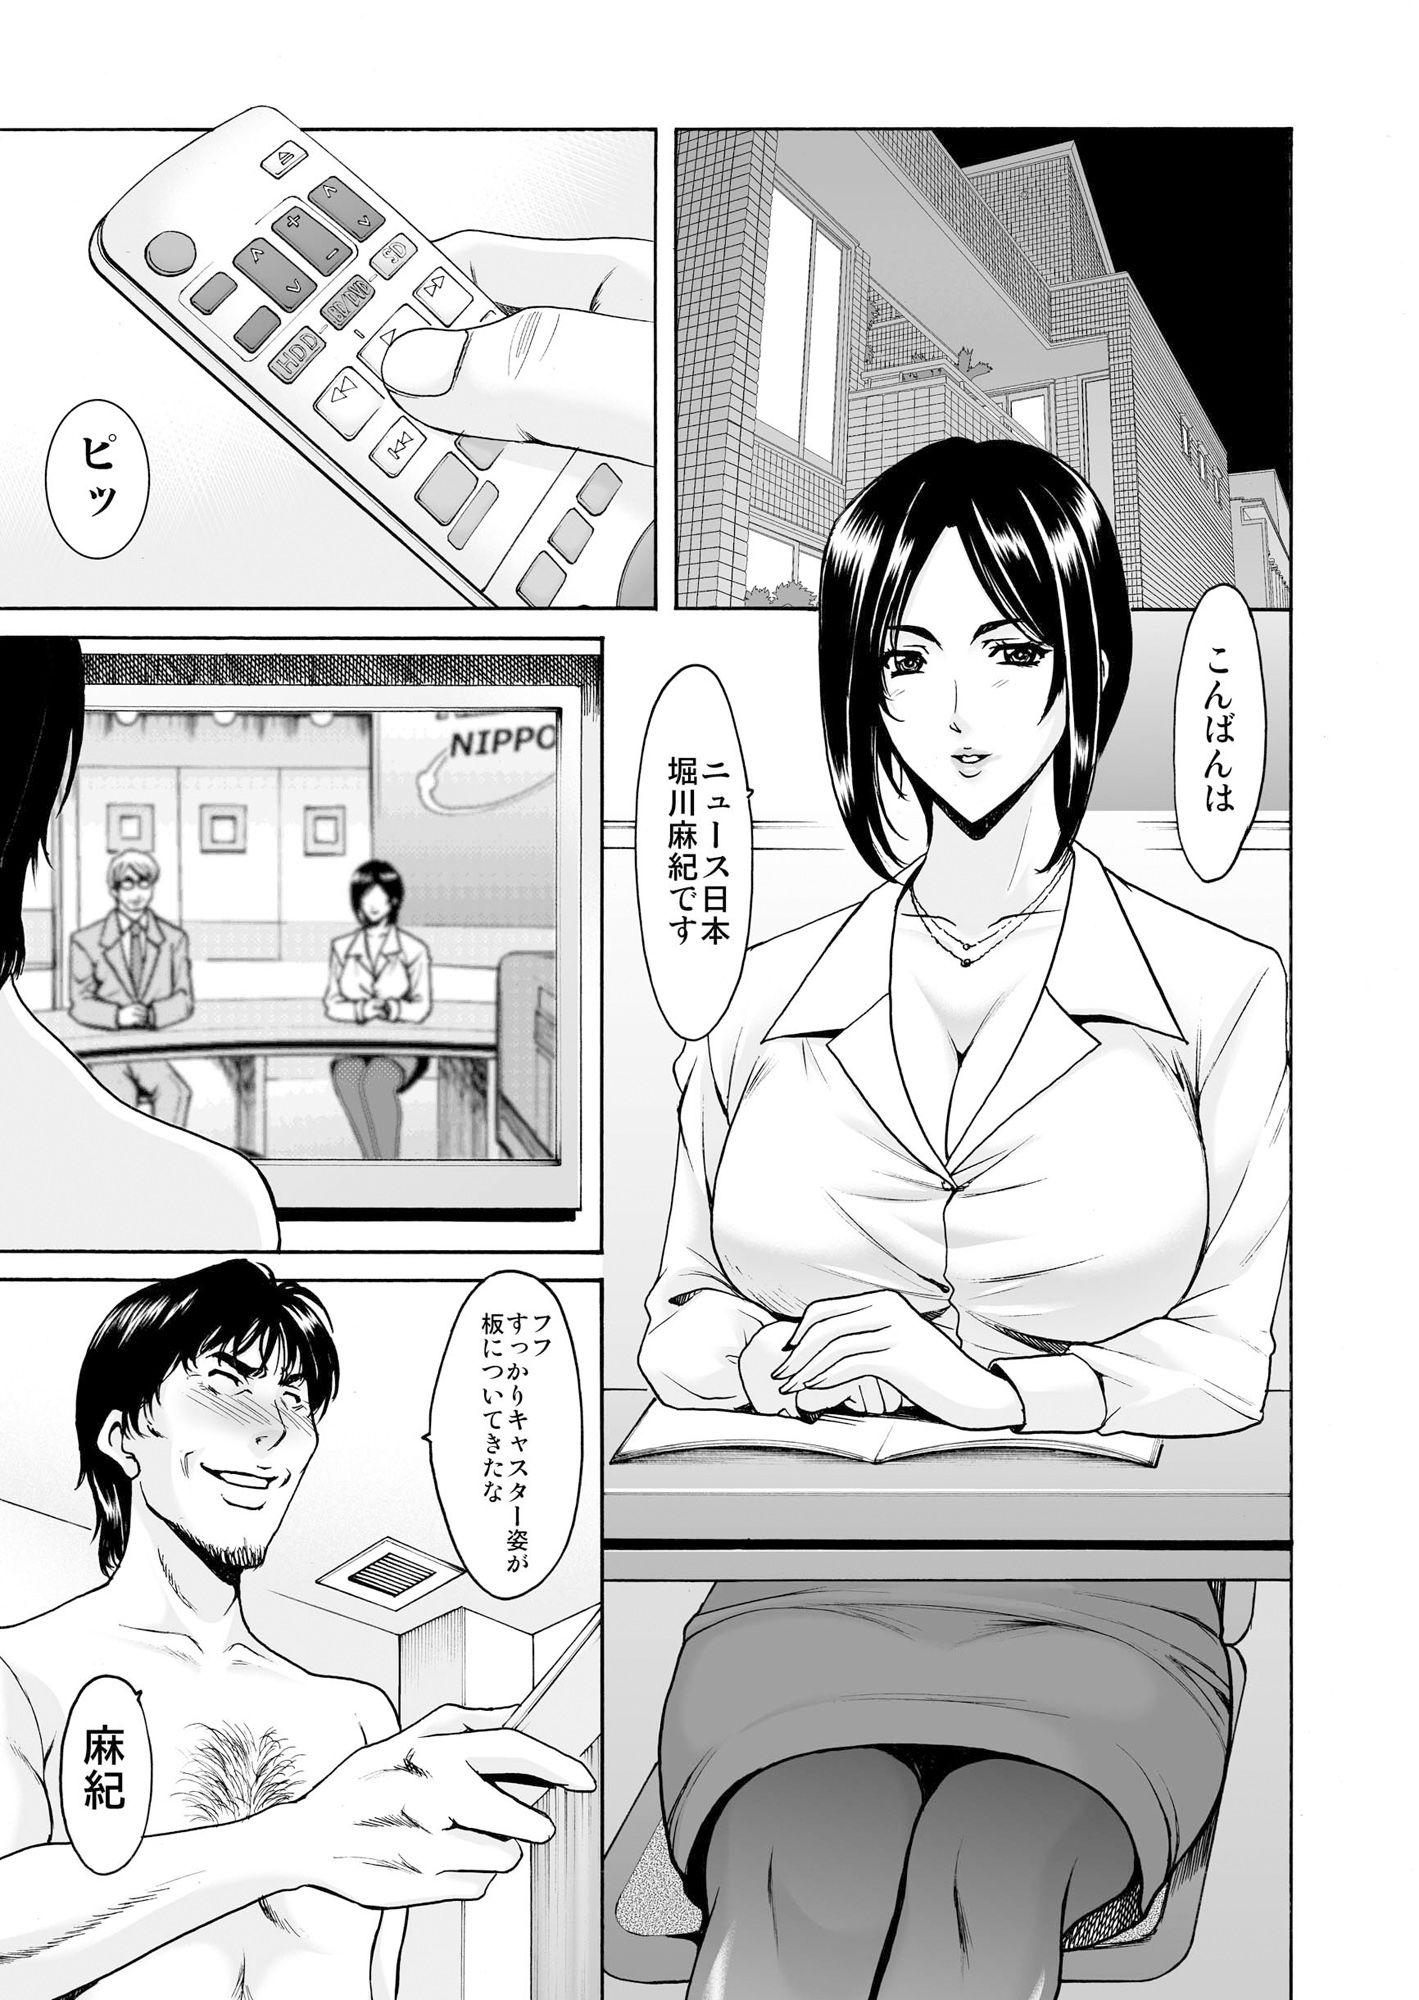 【エロ漫画無料大全集】ニュースキャスターやってる義母との禁断の関係がエロ過ぎてヤバいwww